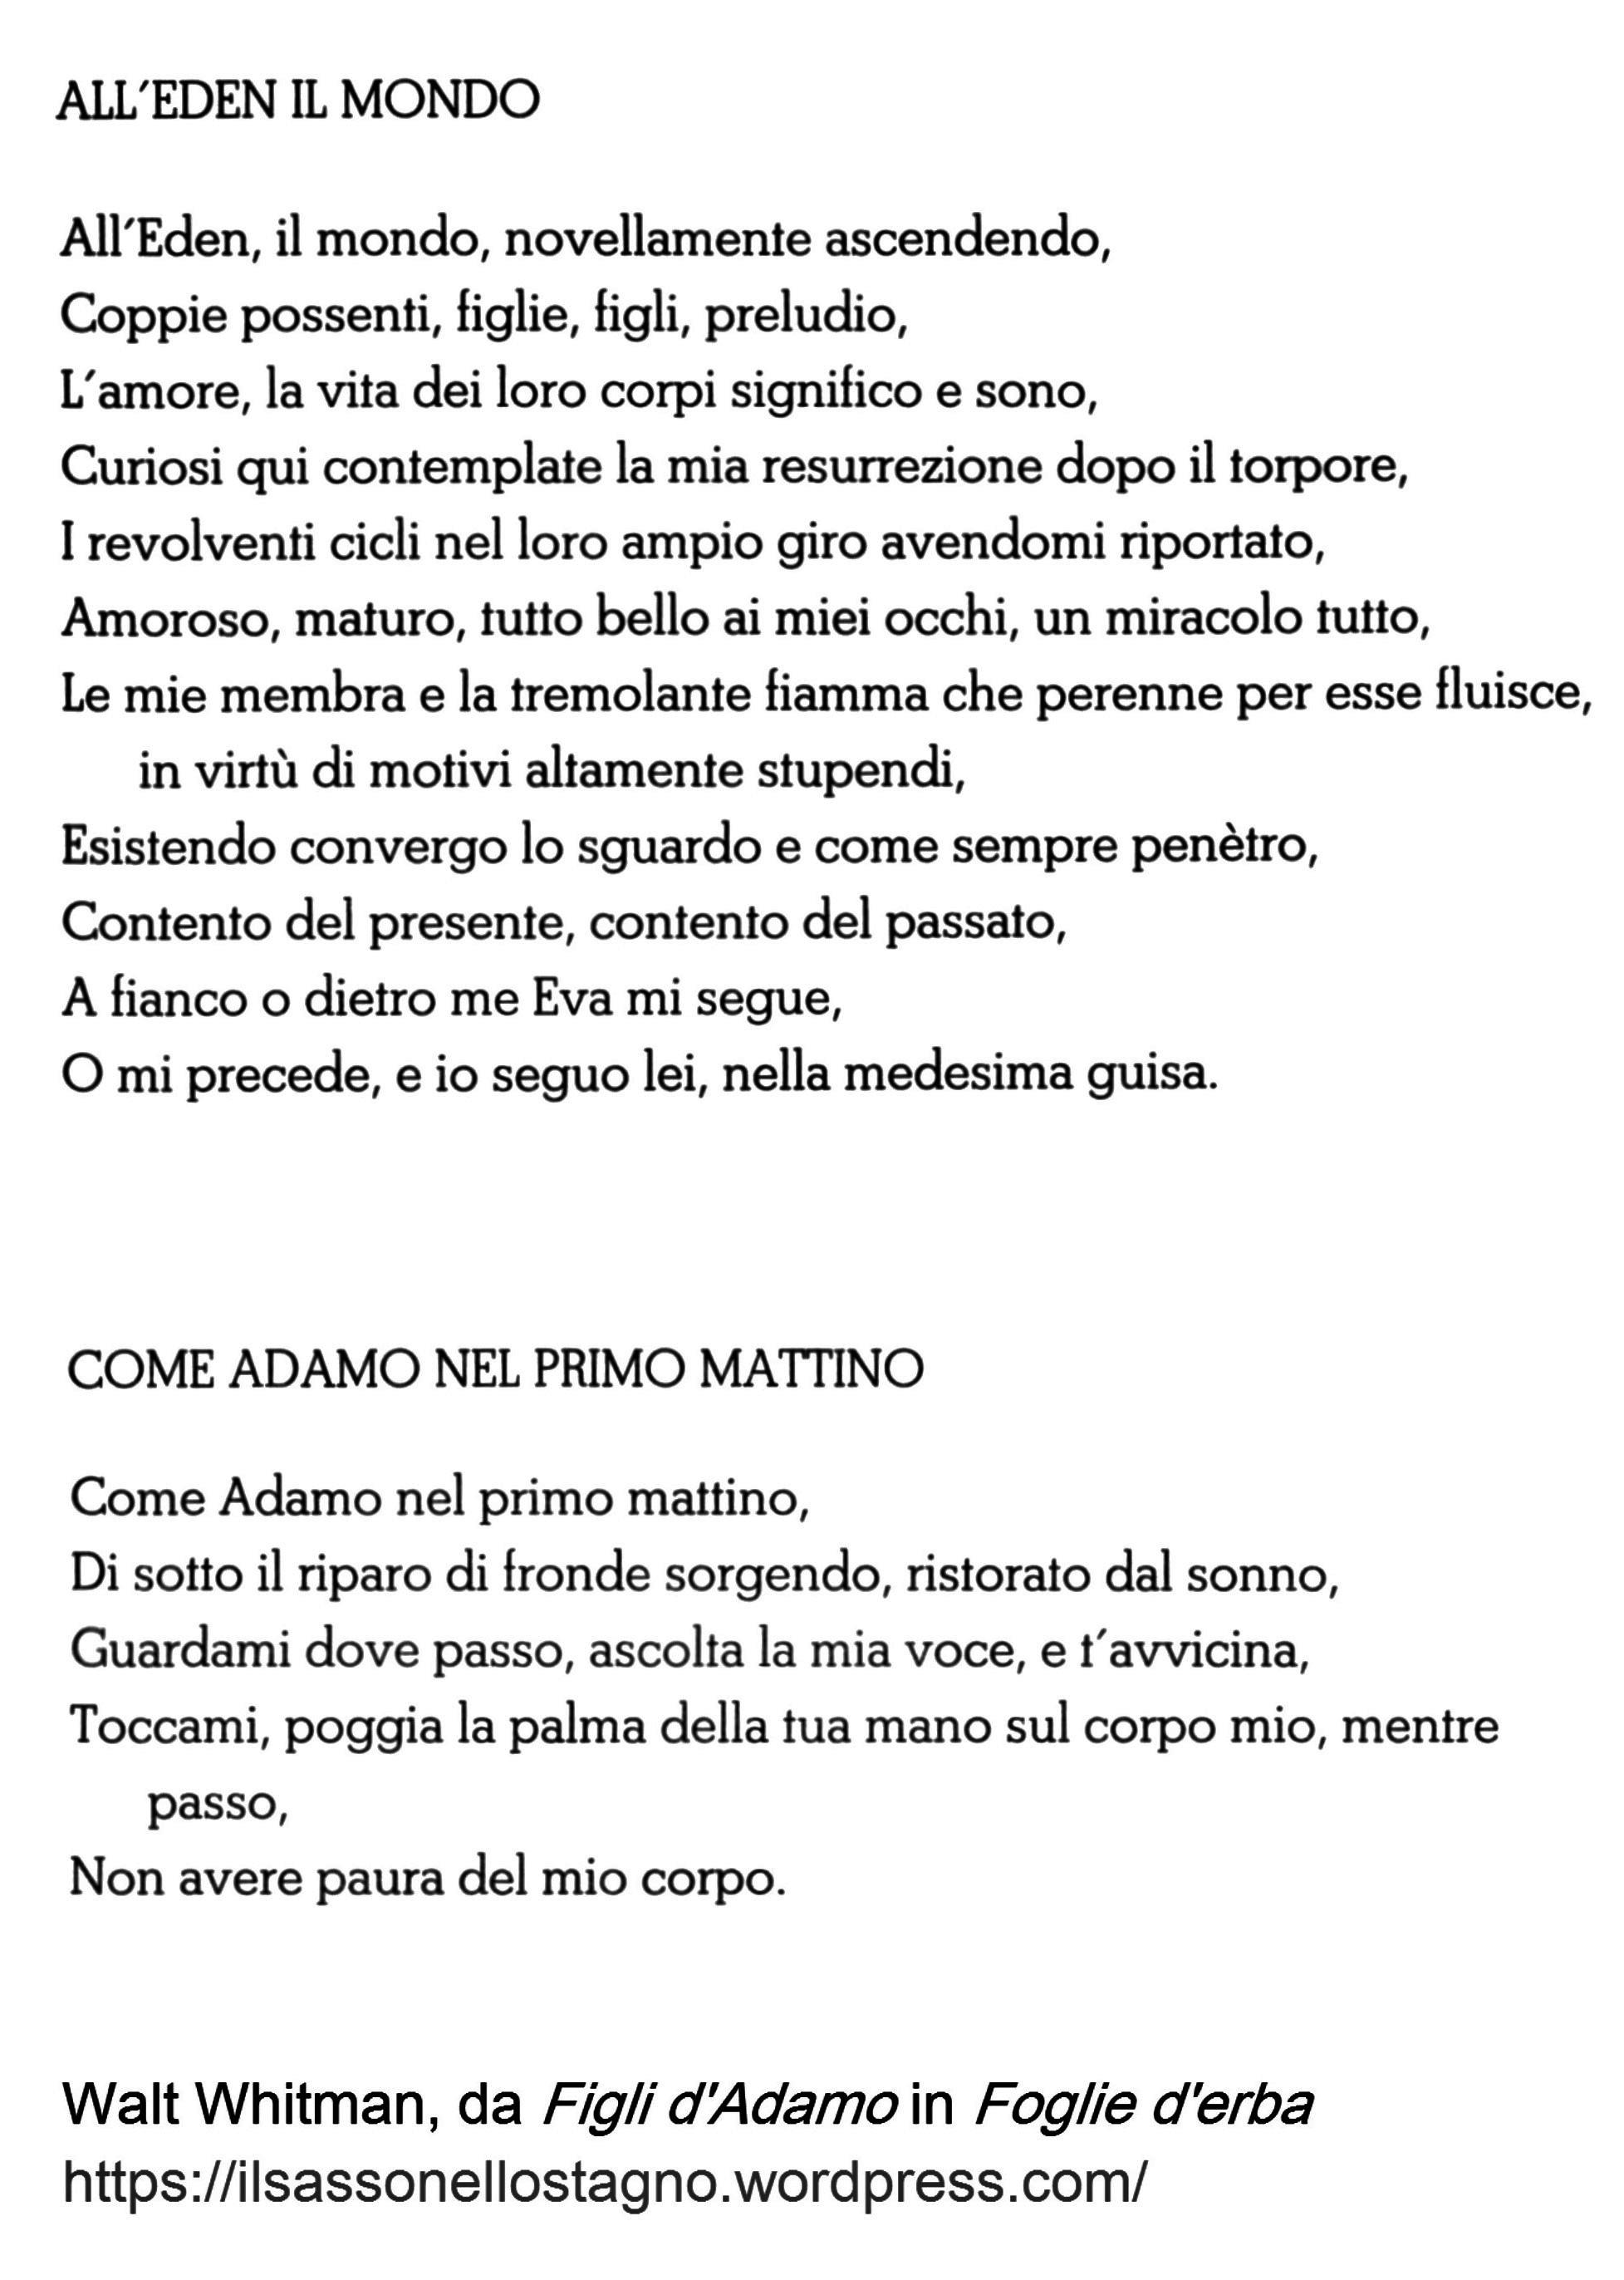 poesie walt whitman